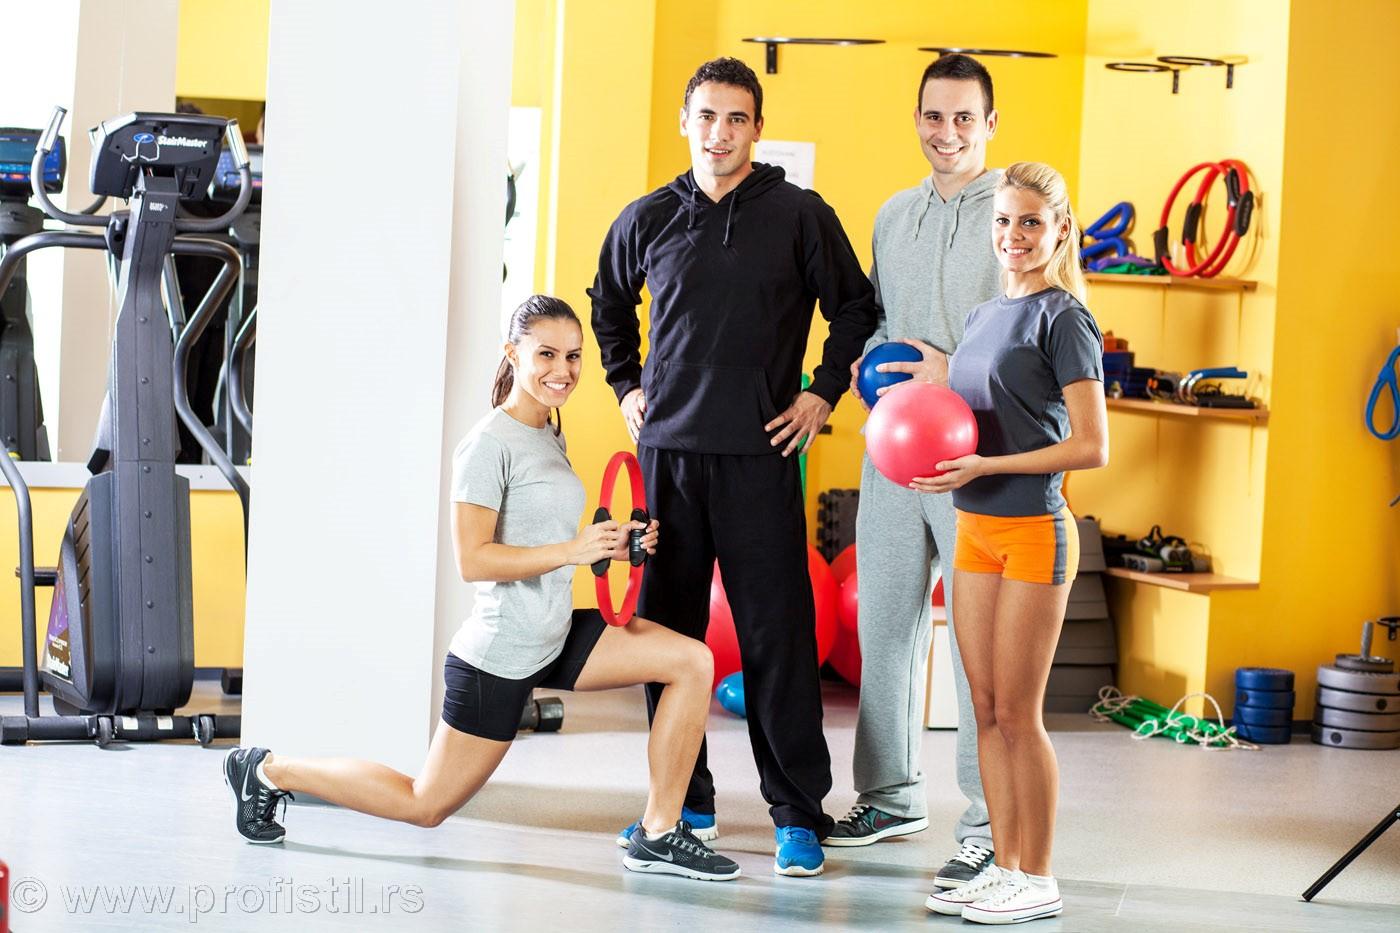 Odeća za sporti rekreaciju